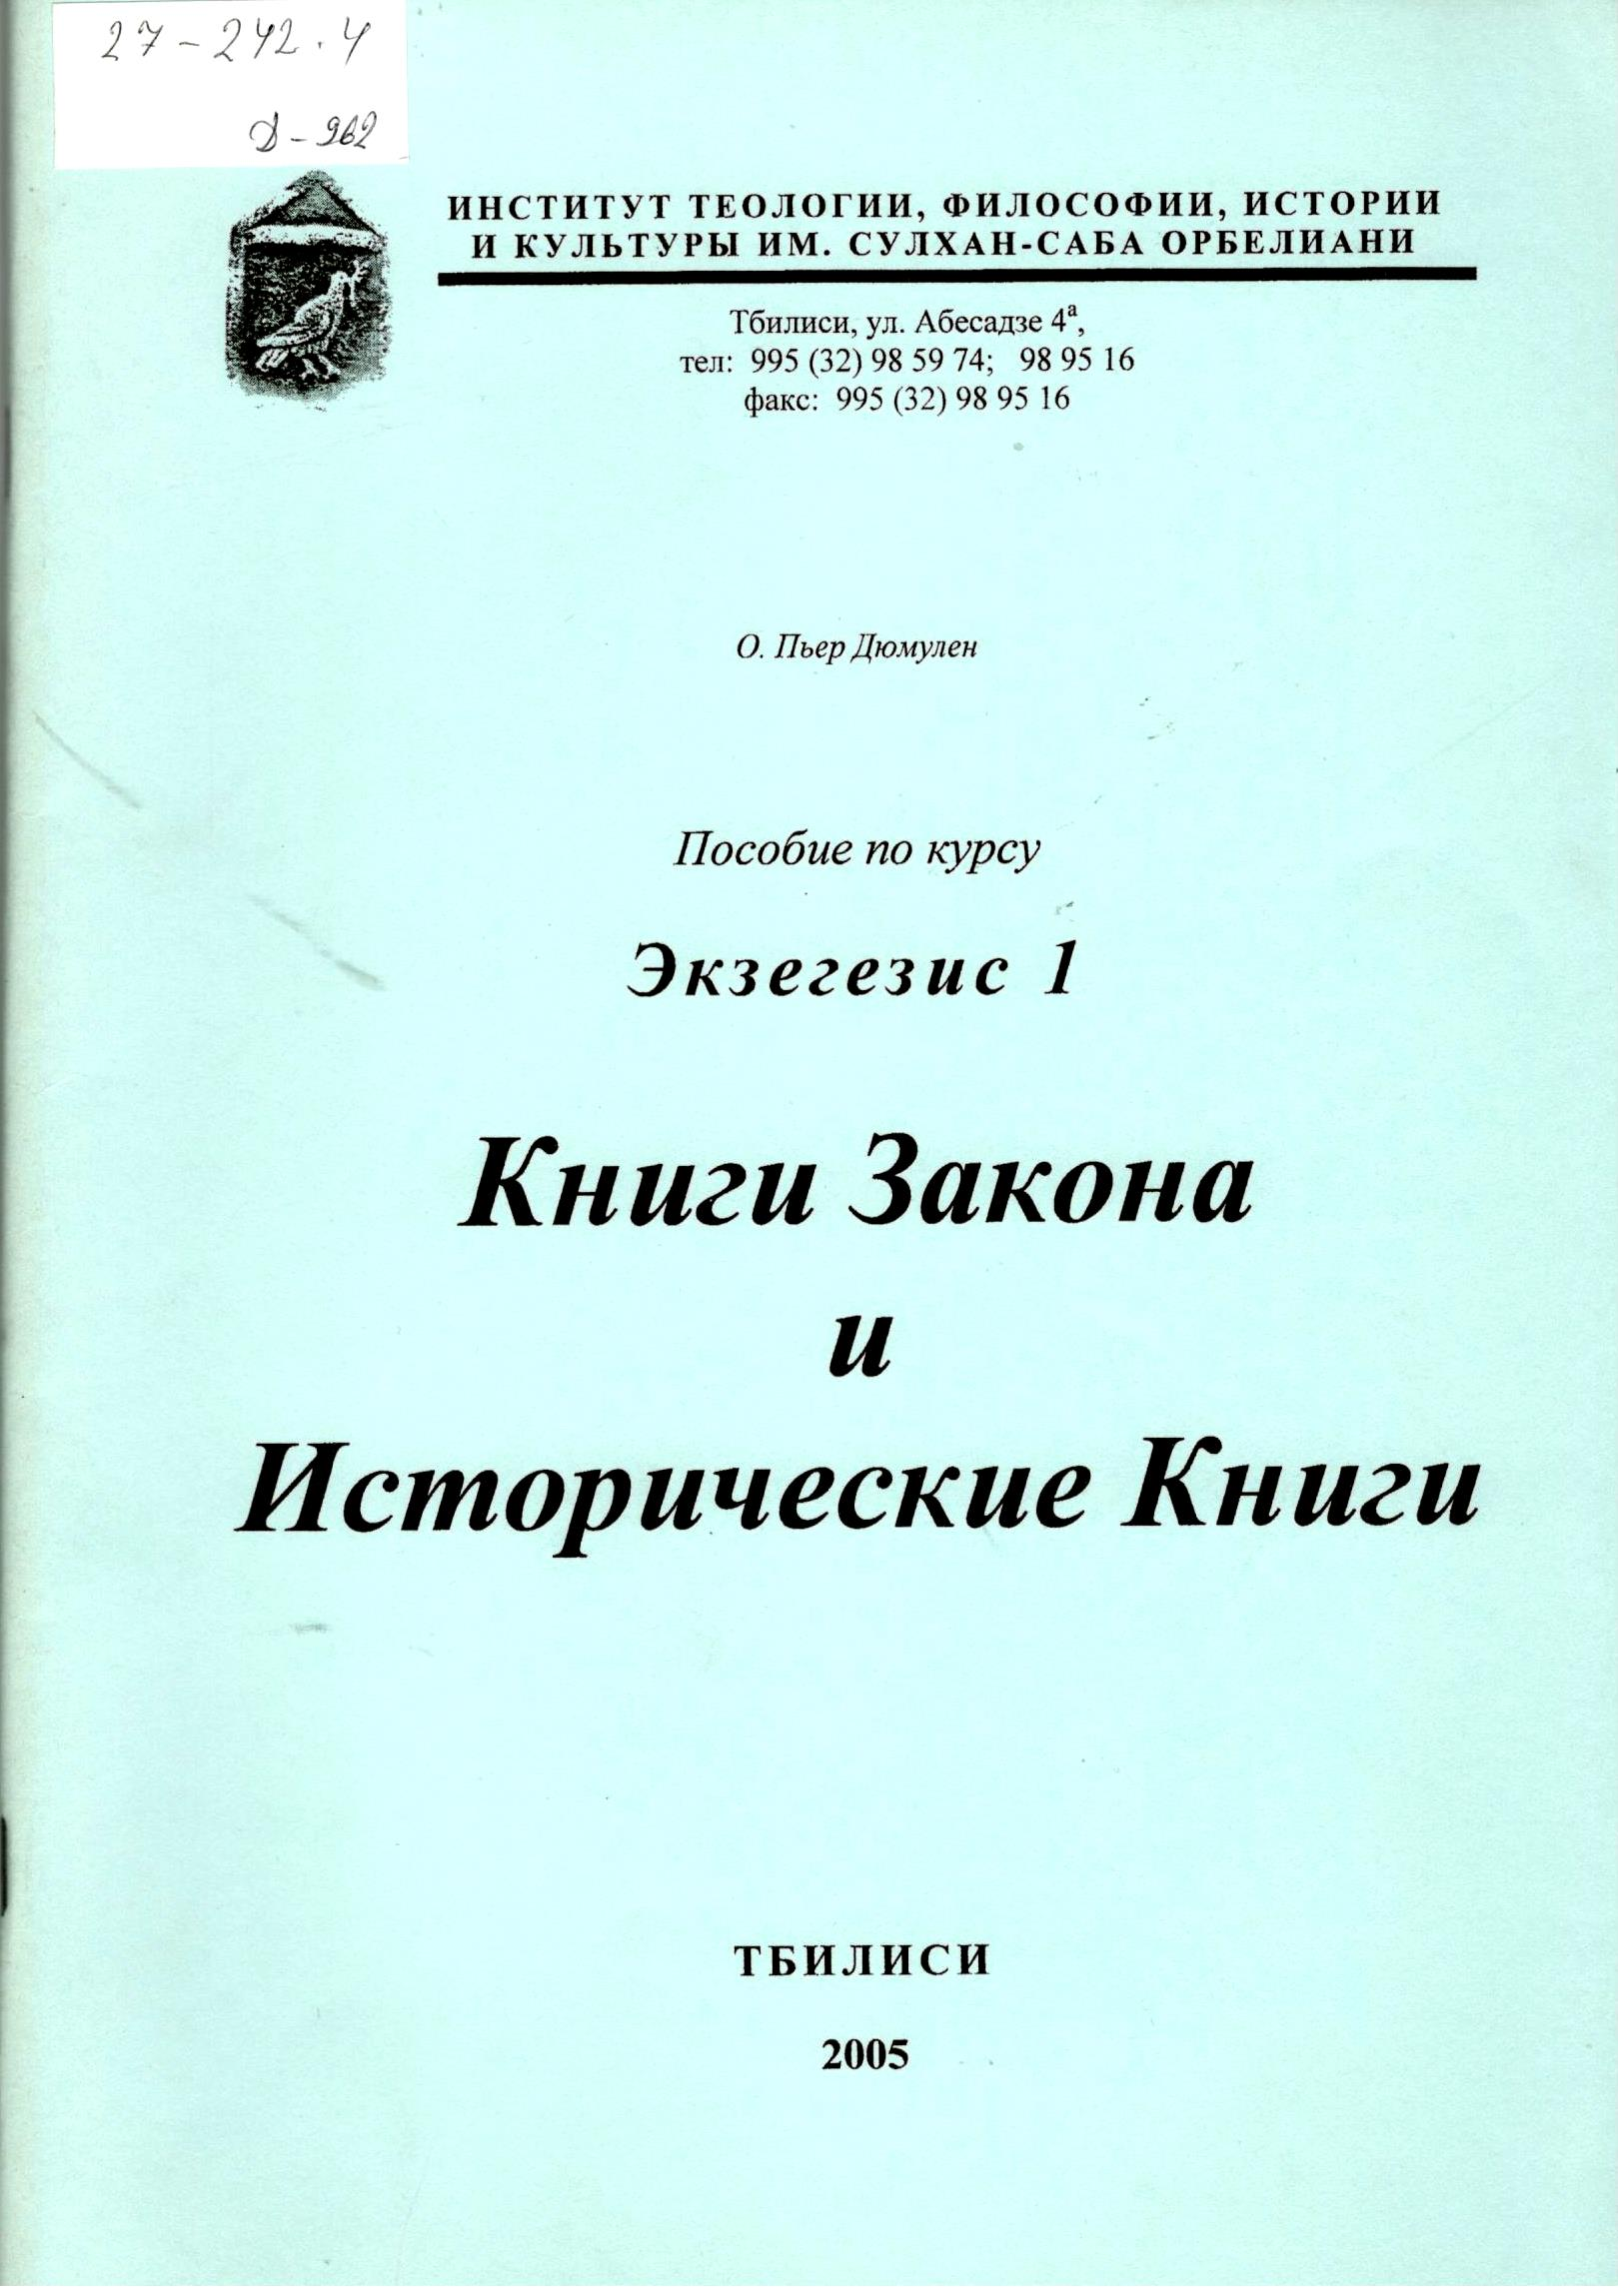 Пьер Дюмулен -  Пособие по курсу Экзегезис 1. Книги закона и Исторические книги.